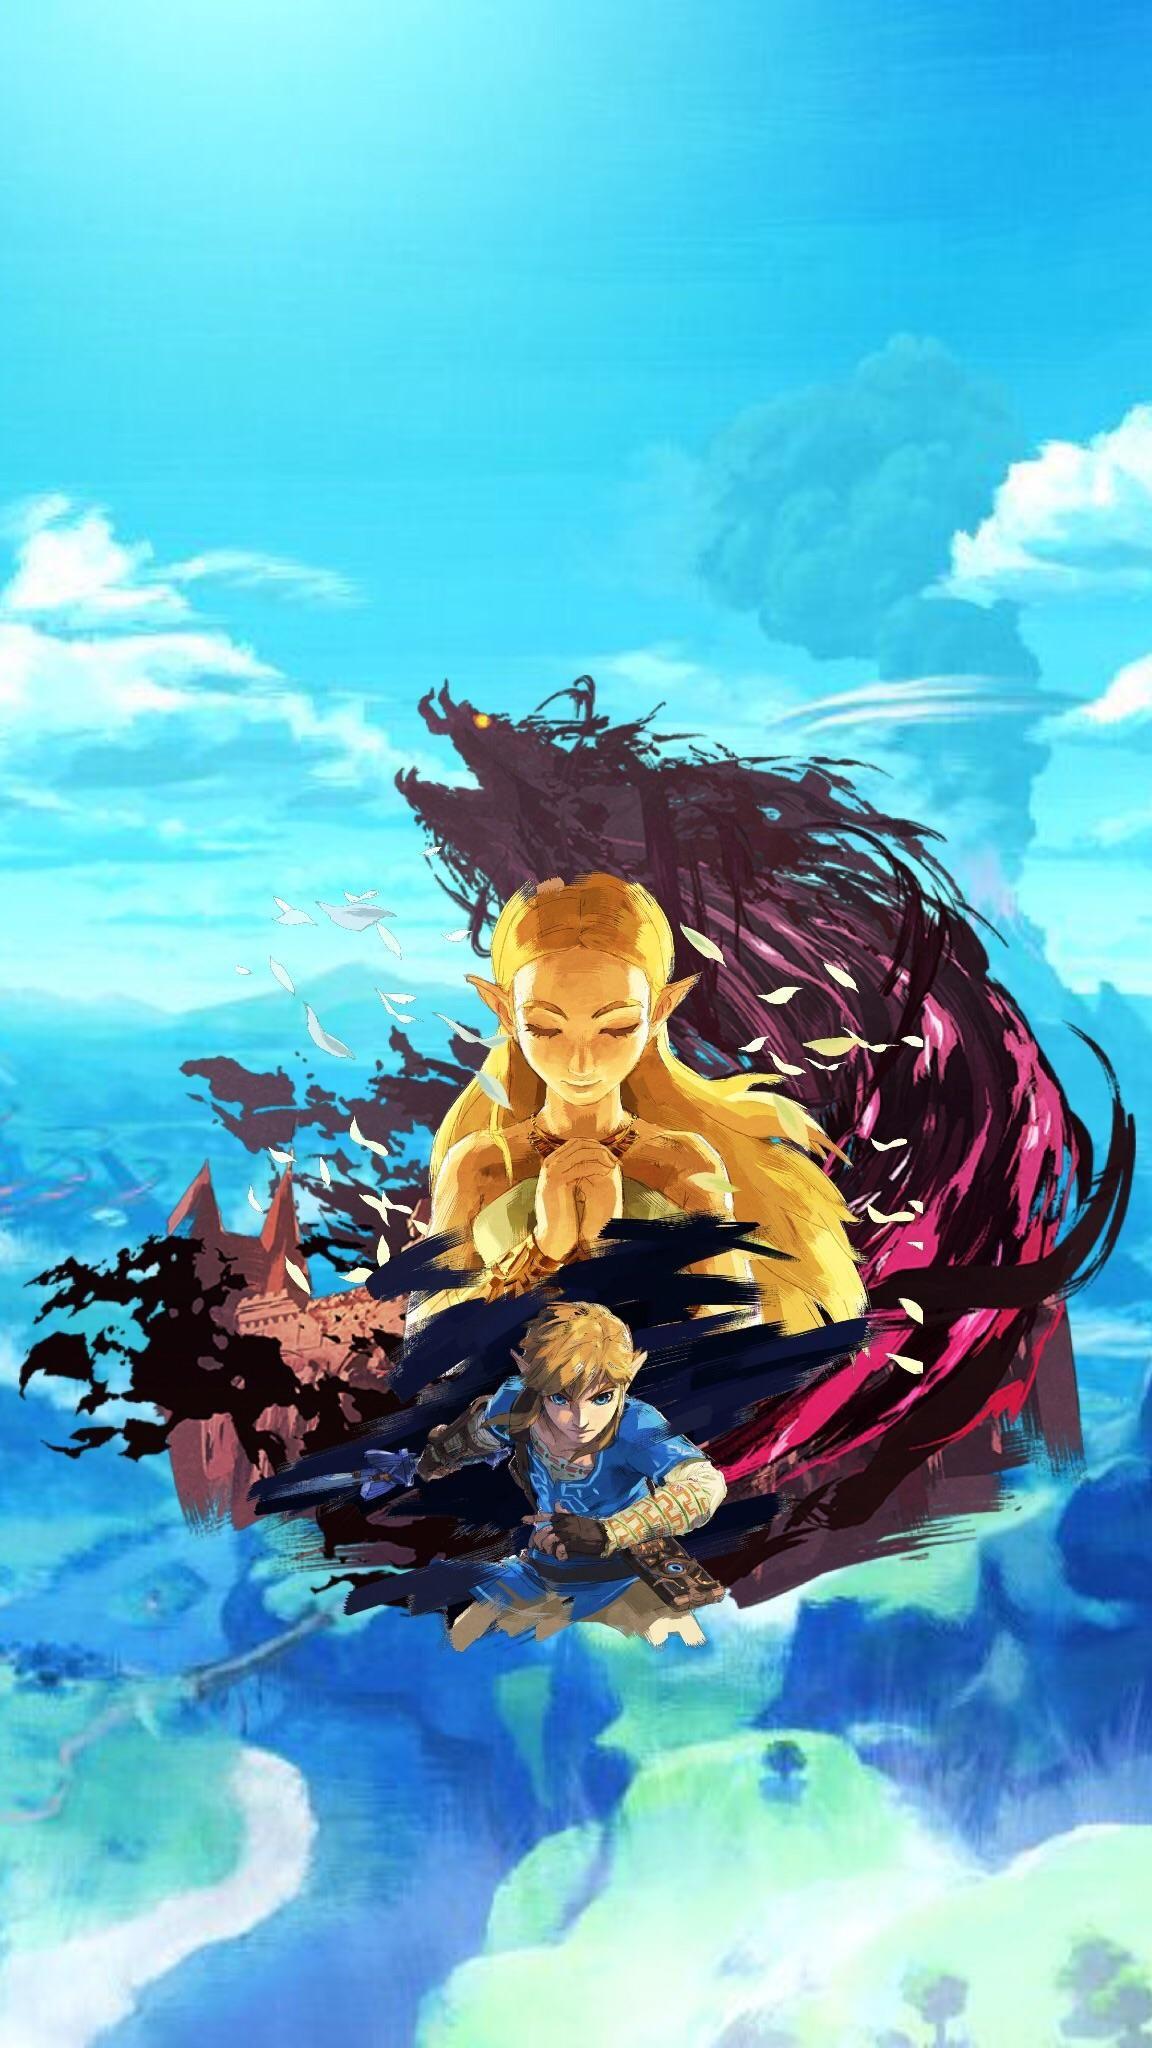 Popular Wallpaper Home Screen Zelda - ea5ef07758379bdeca7a58fc9c48387b  Trends_801089.jpg